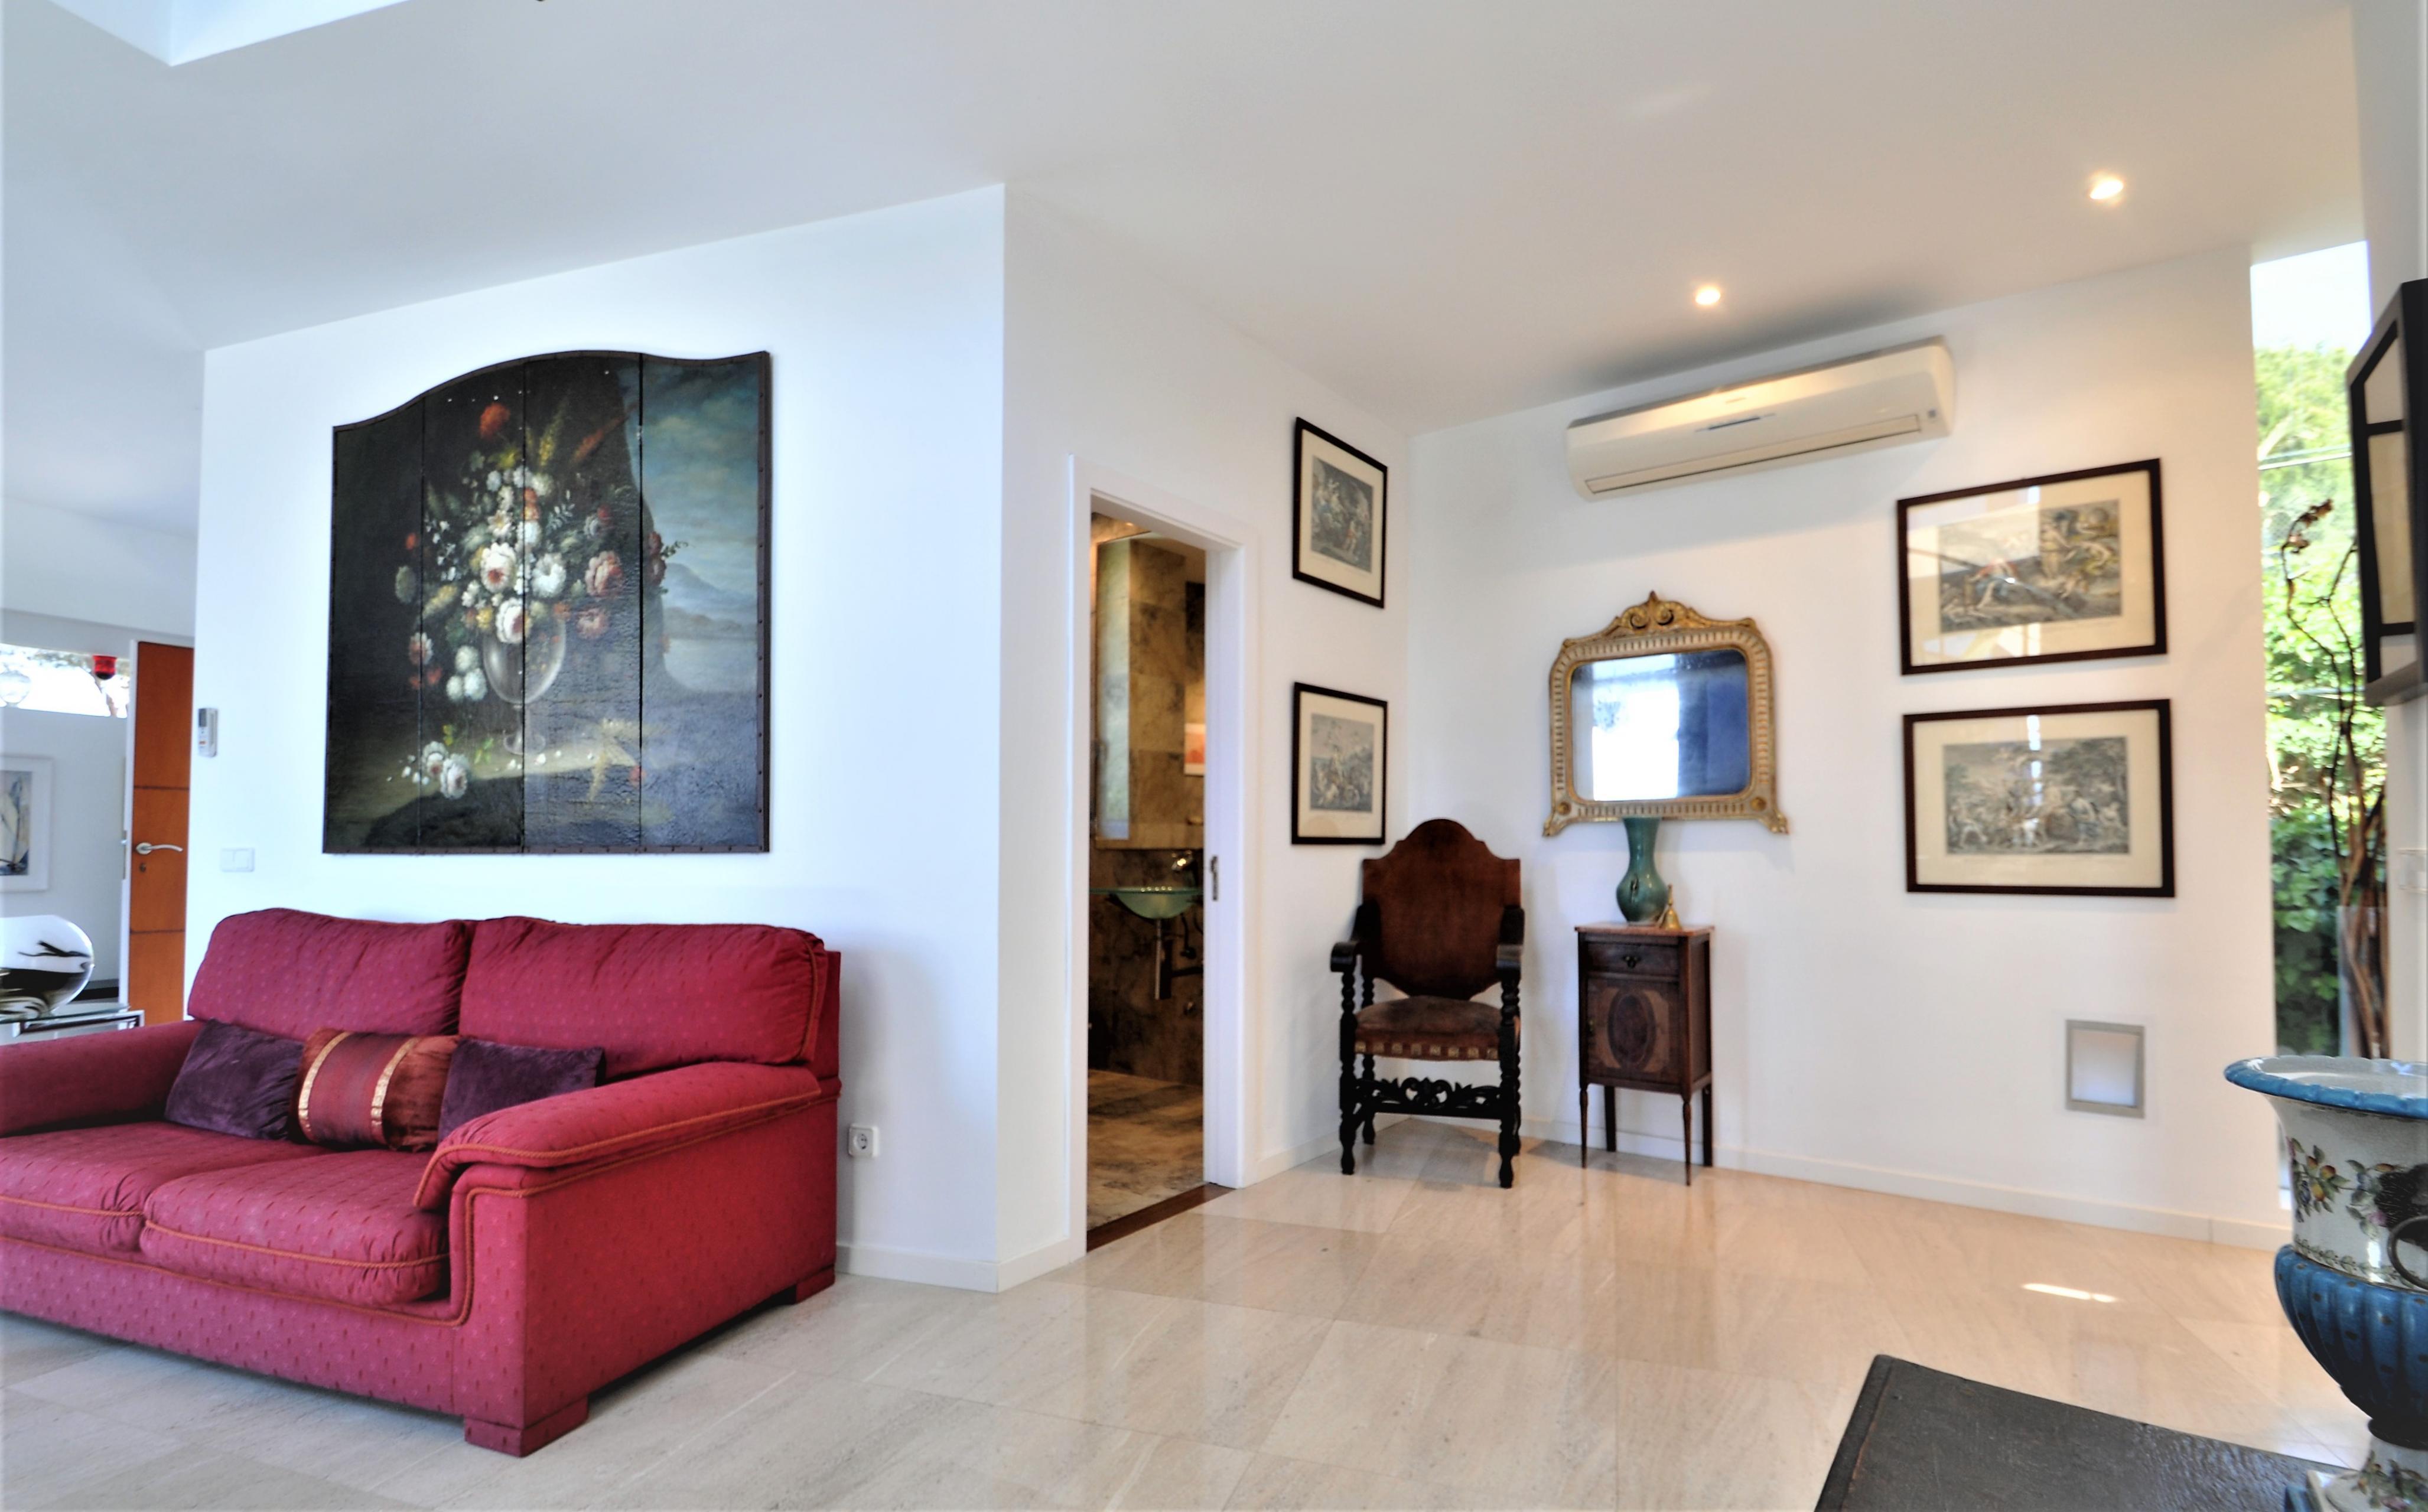 Maison de vacances VILLA BAY BLUE- Bahia Azul- Mallorca - VILLAONLINE - Kostenloses WLAN (2684052), Bahia Azul, Majorque, Iles Baléares, Espagne, image 25